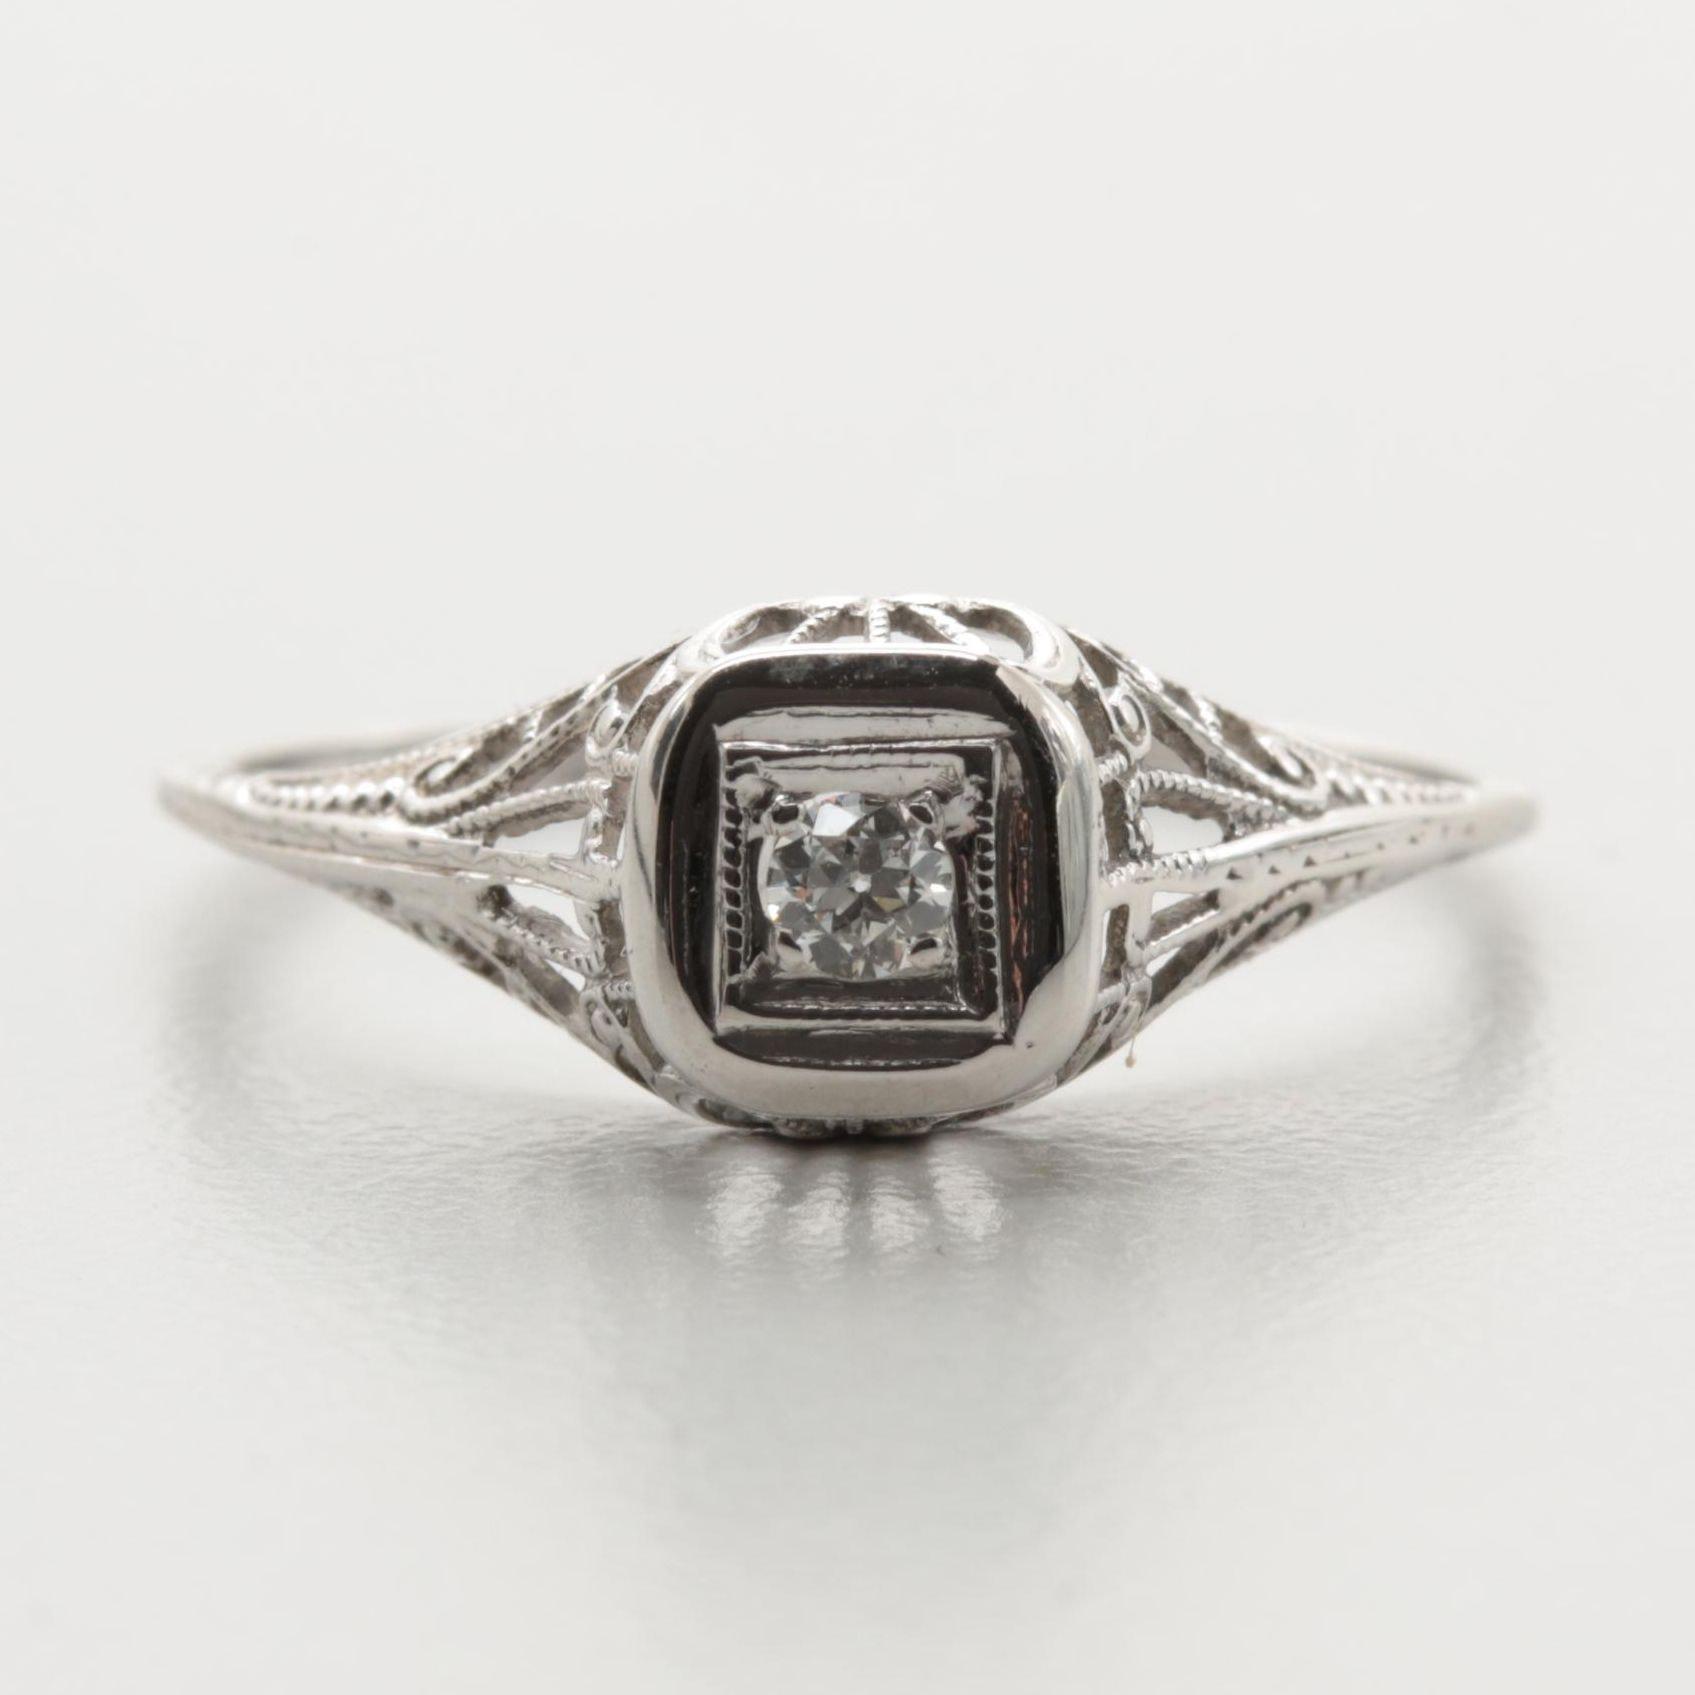 18K White Gold Old European Diamond Ring